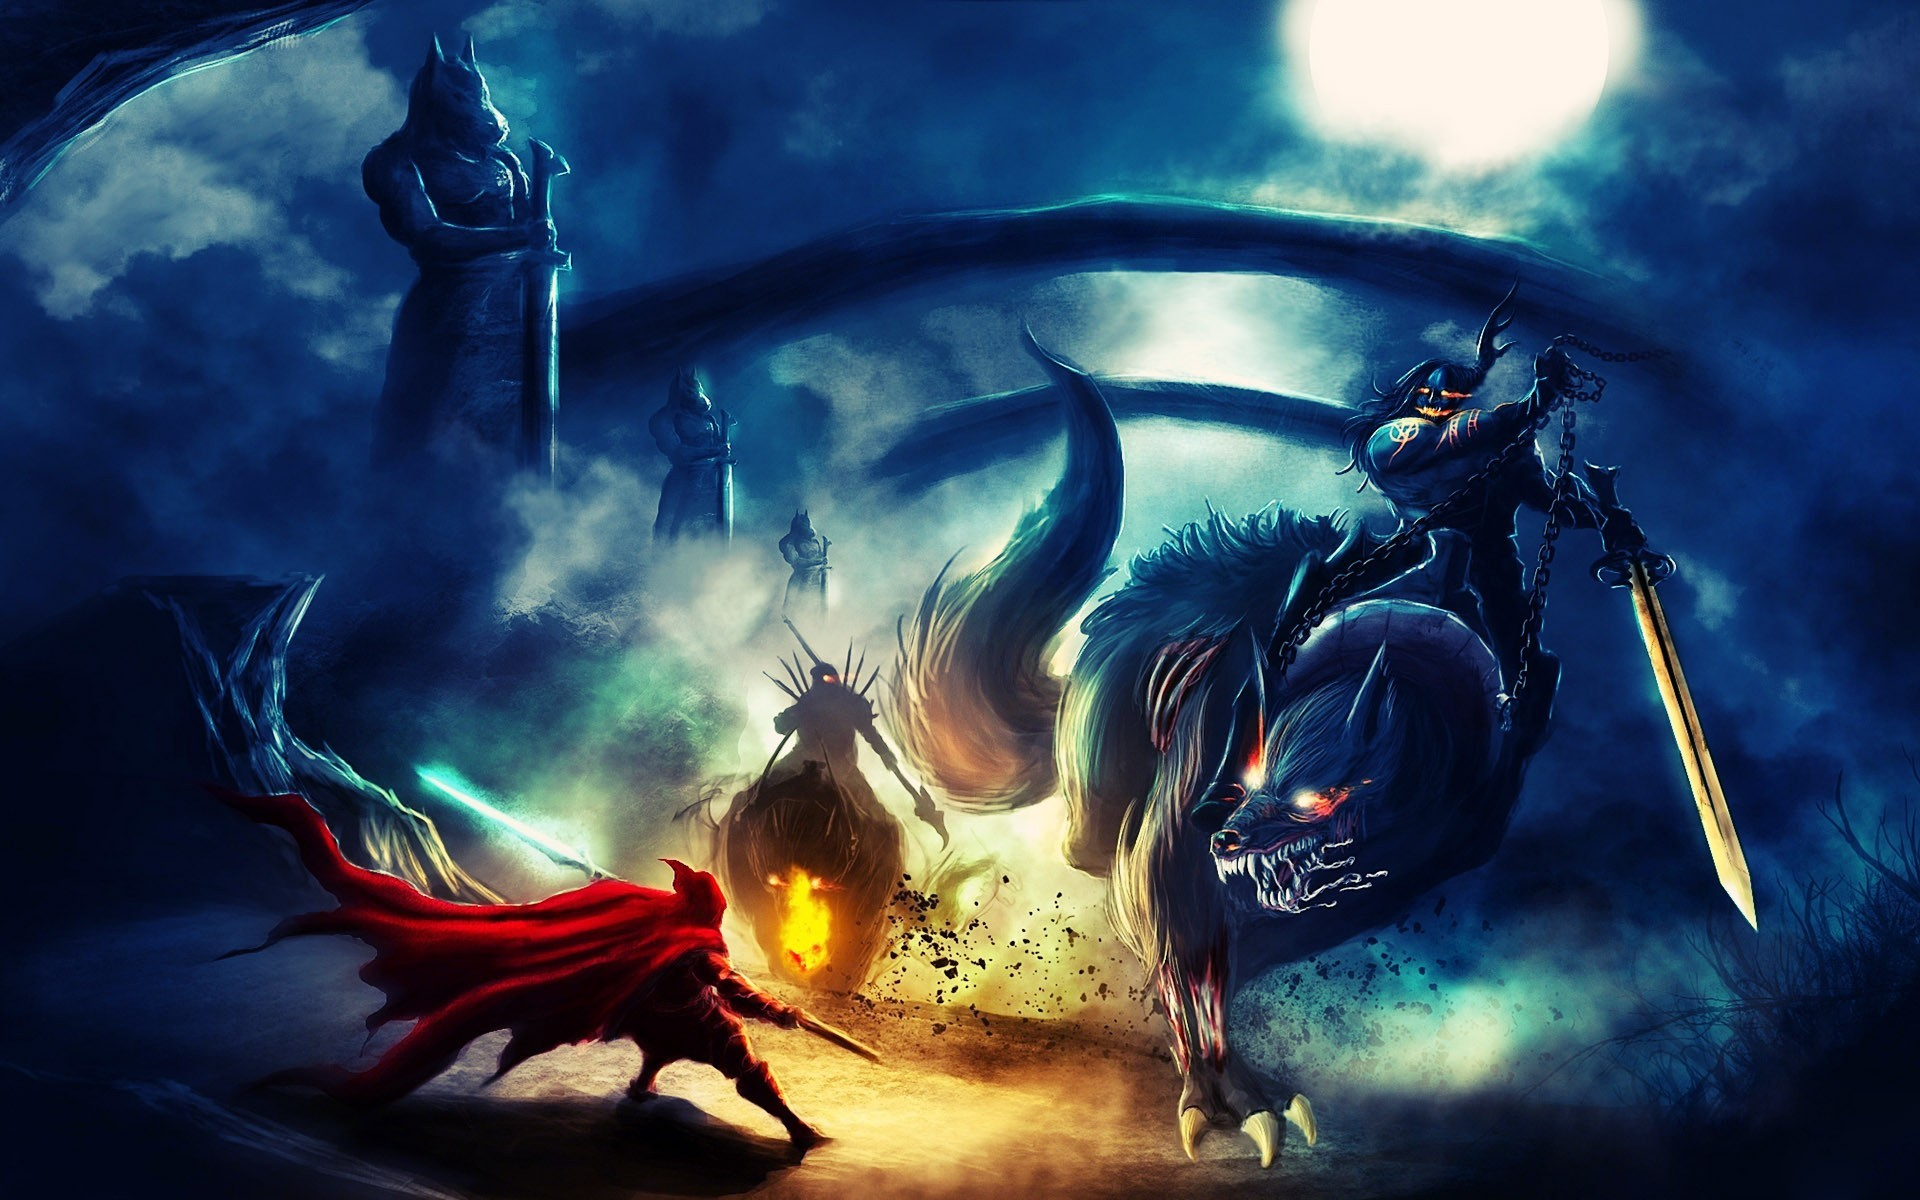 Res: 1920x1200, Ninja Gaiden Dragon Sword HD Wallpapers Backgrounds 1920×1200